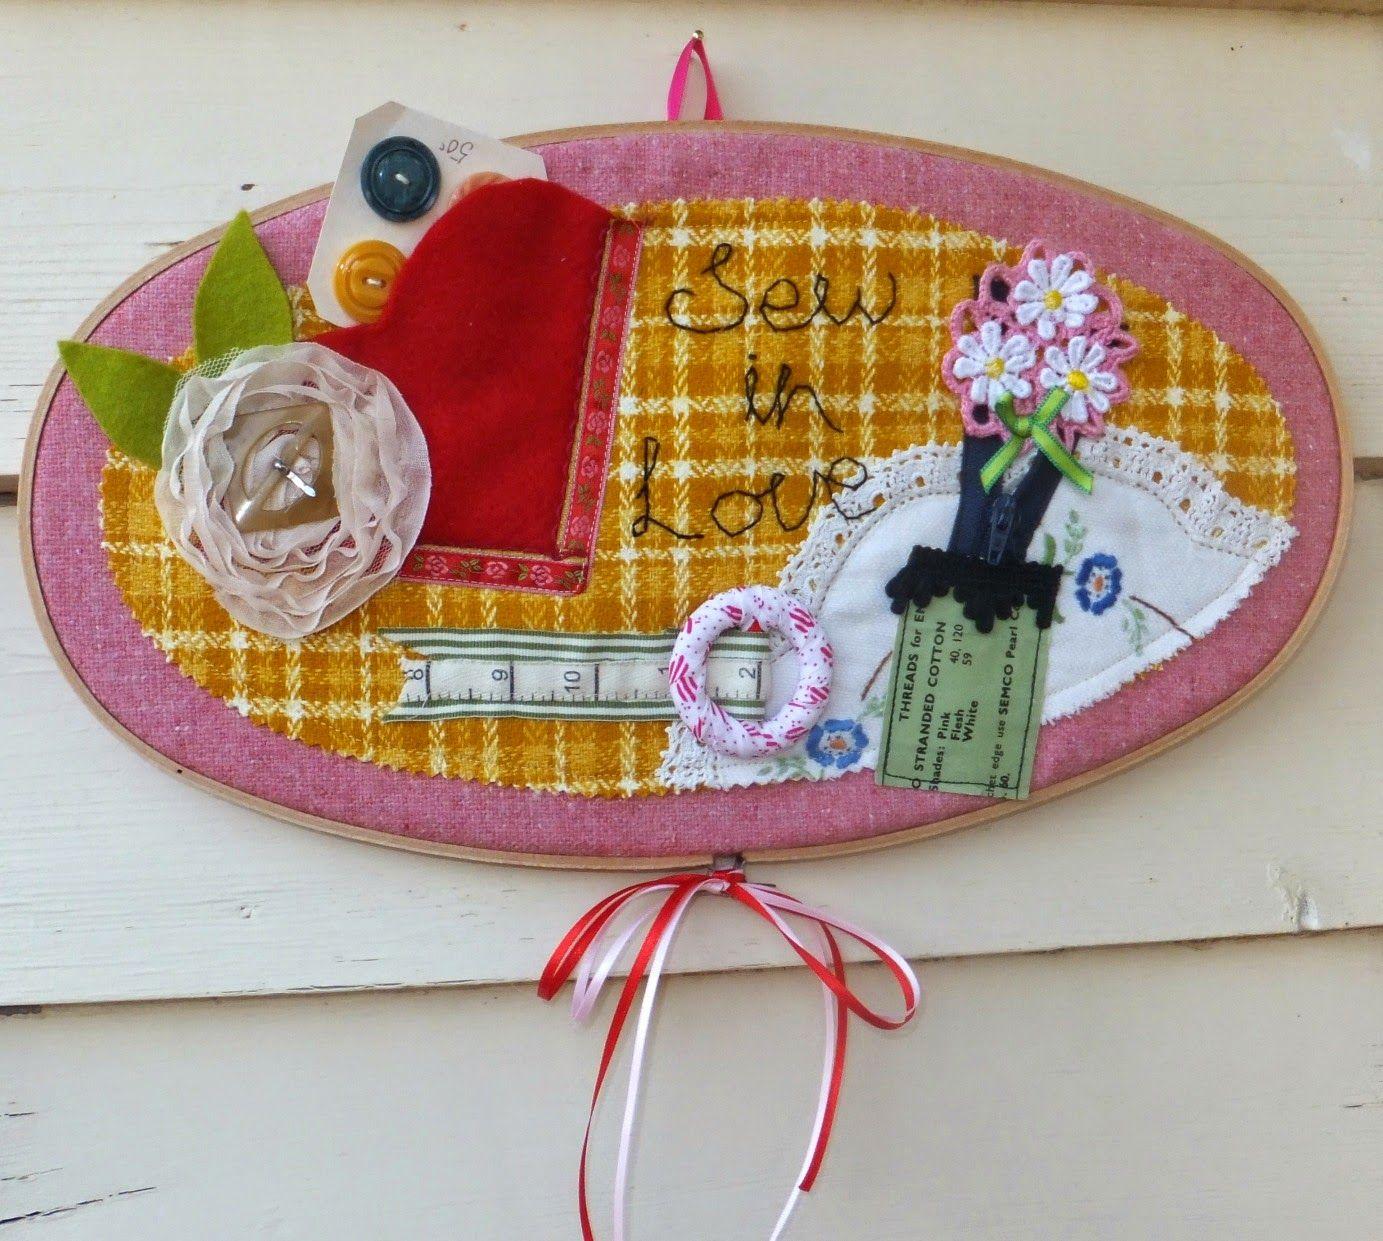 Sew in Love hoop art tutorial http://heartworkz.blogspot.com.au/2015/03/sew-in-love-hoop-art-tutorial.html